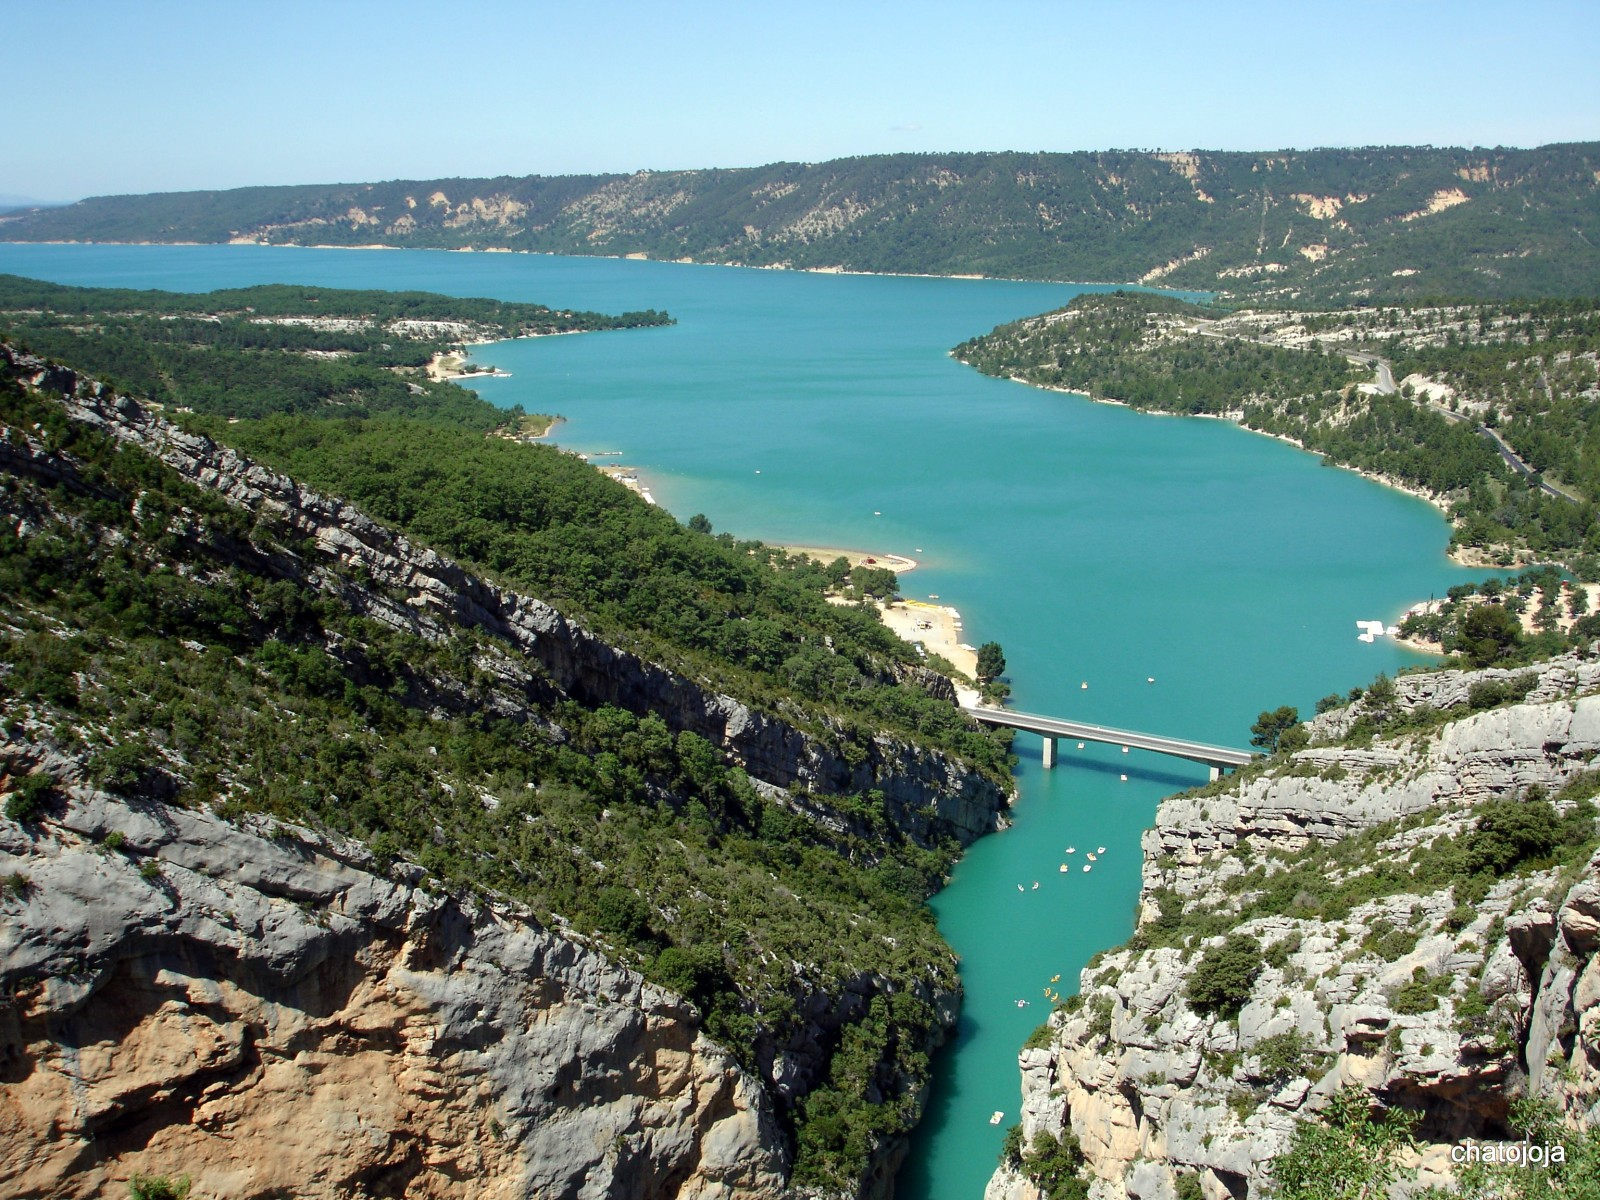 Lac de sainte croix tripnbike - Sainte croix du verdon office du tourisme ...